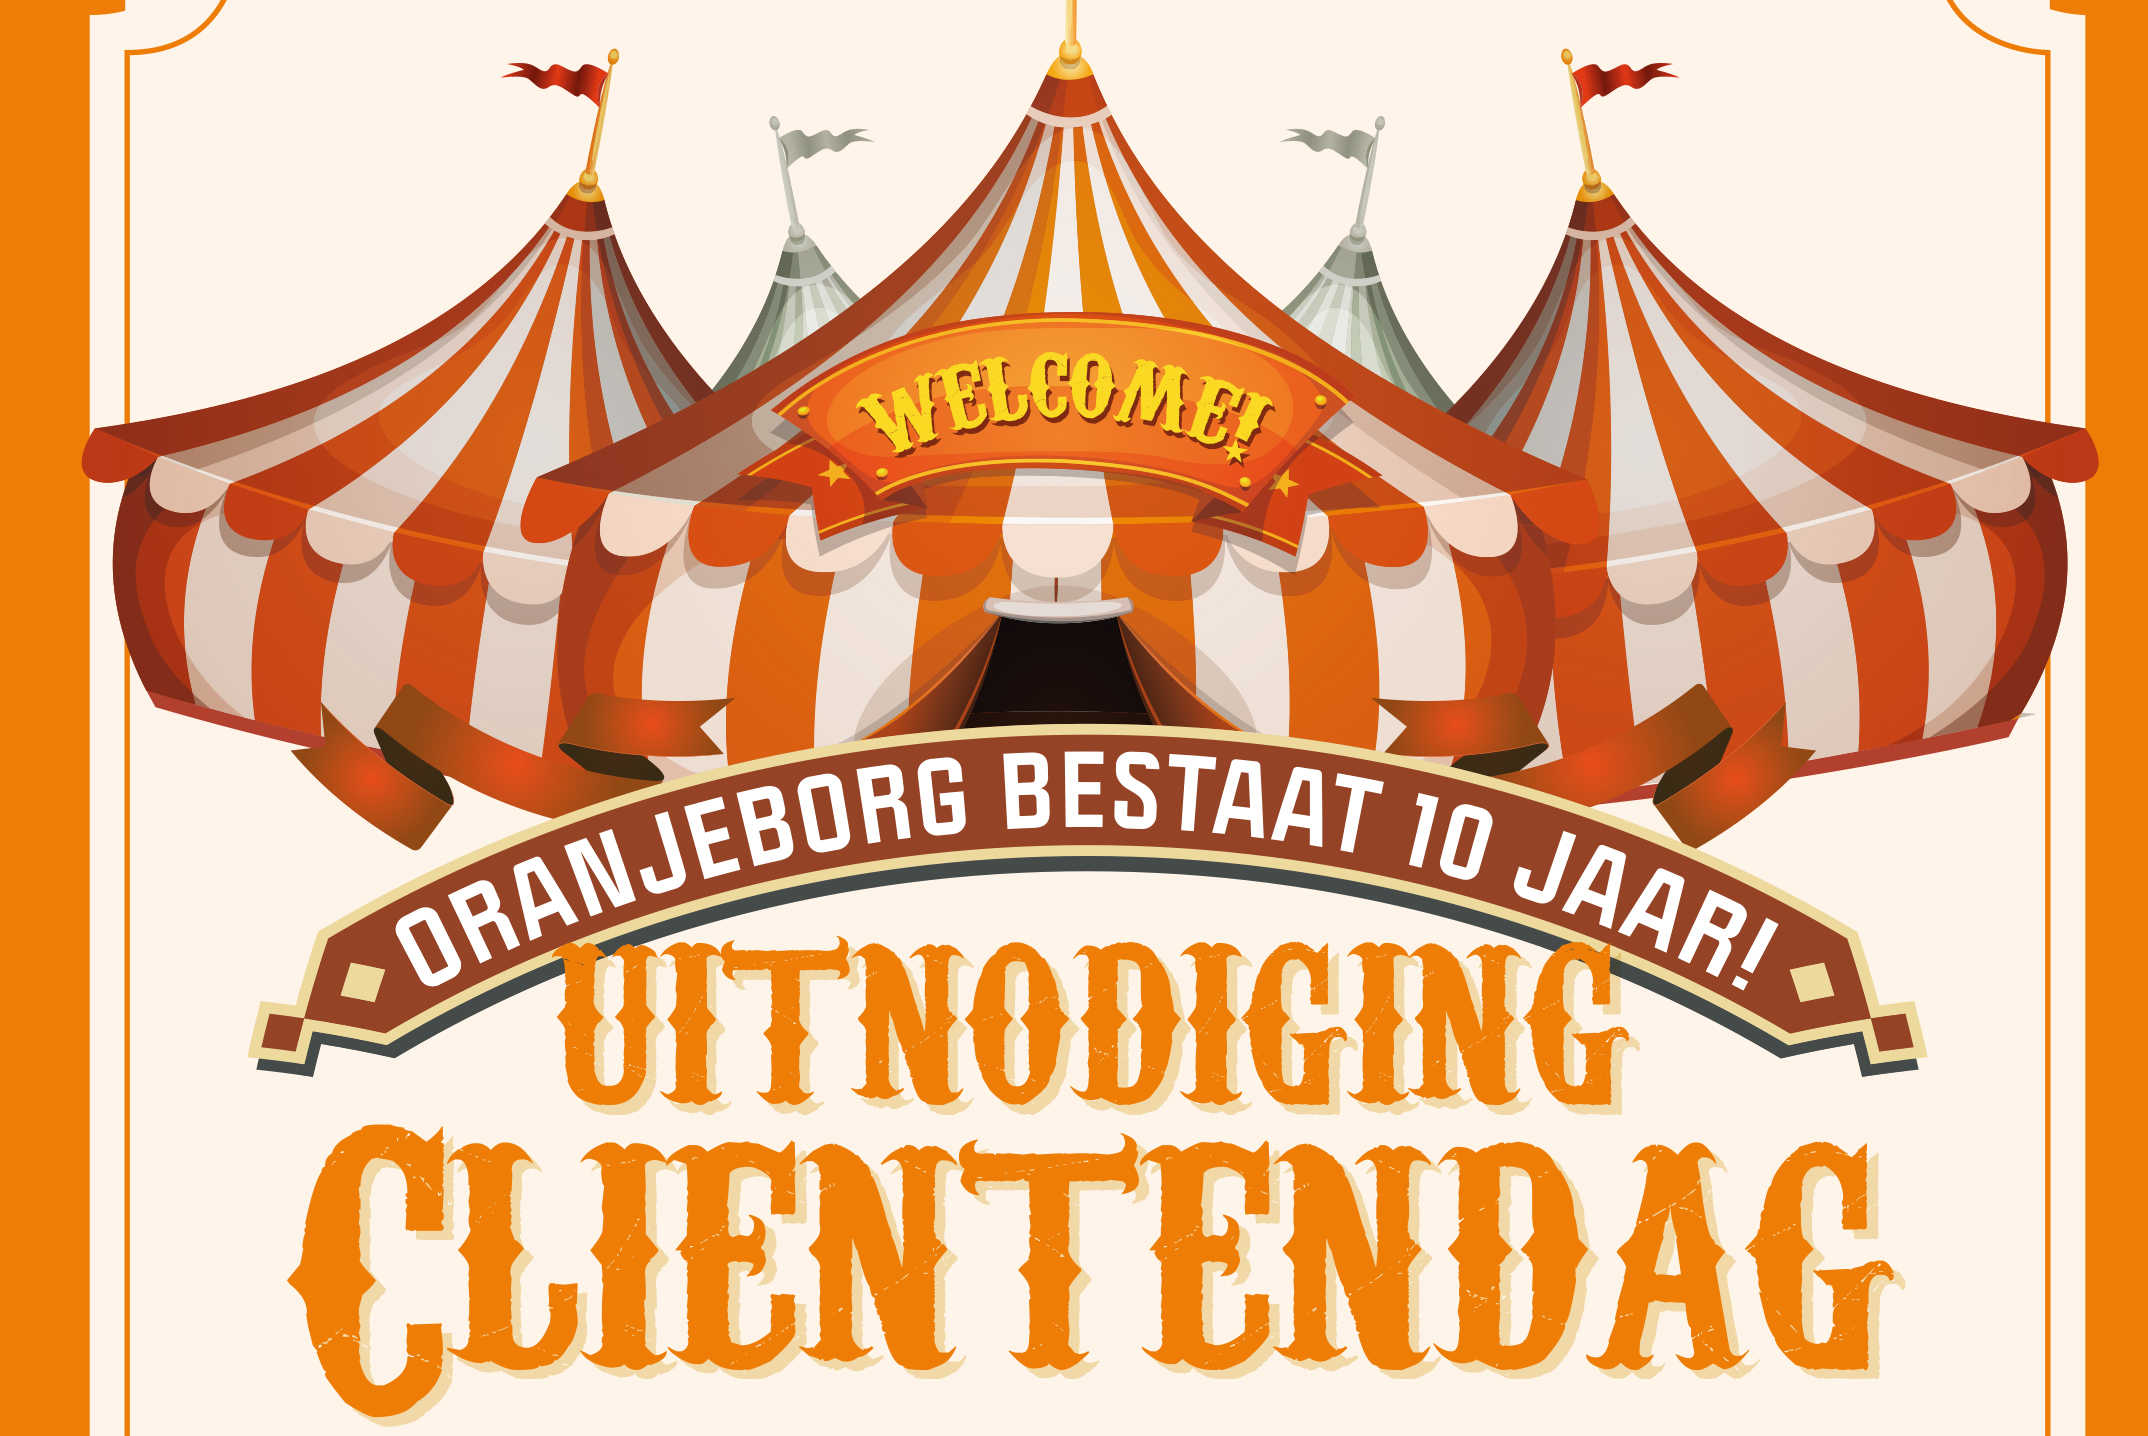 Oranjeborg